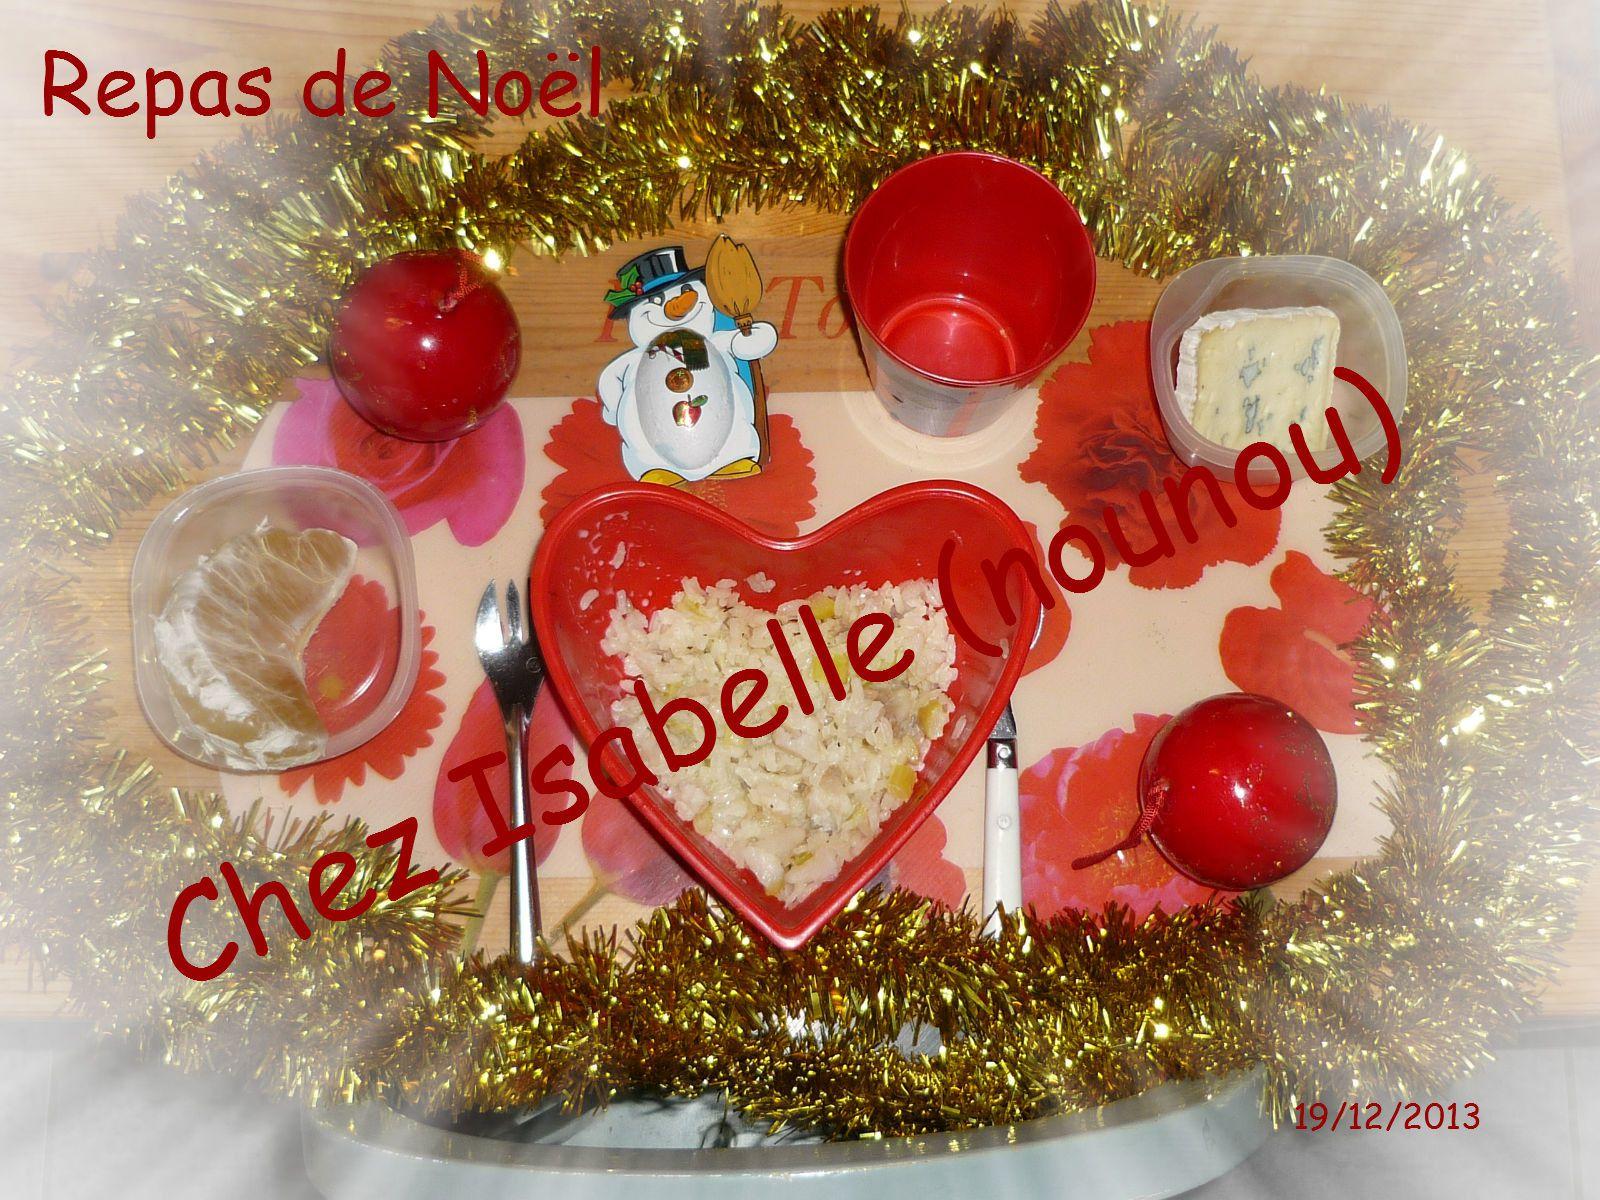 Menu de Noël du 19/12/2013